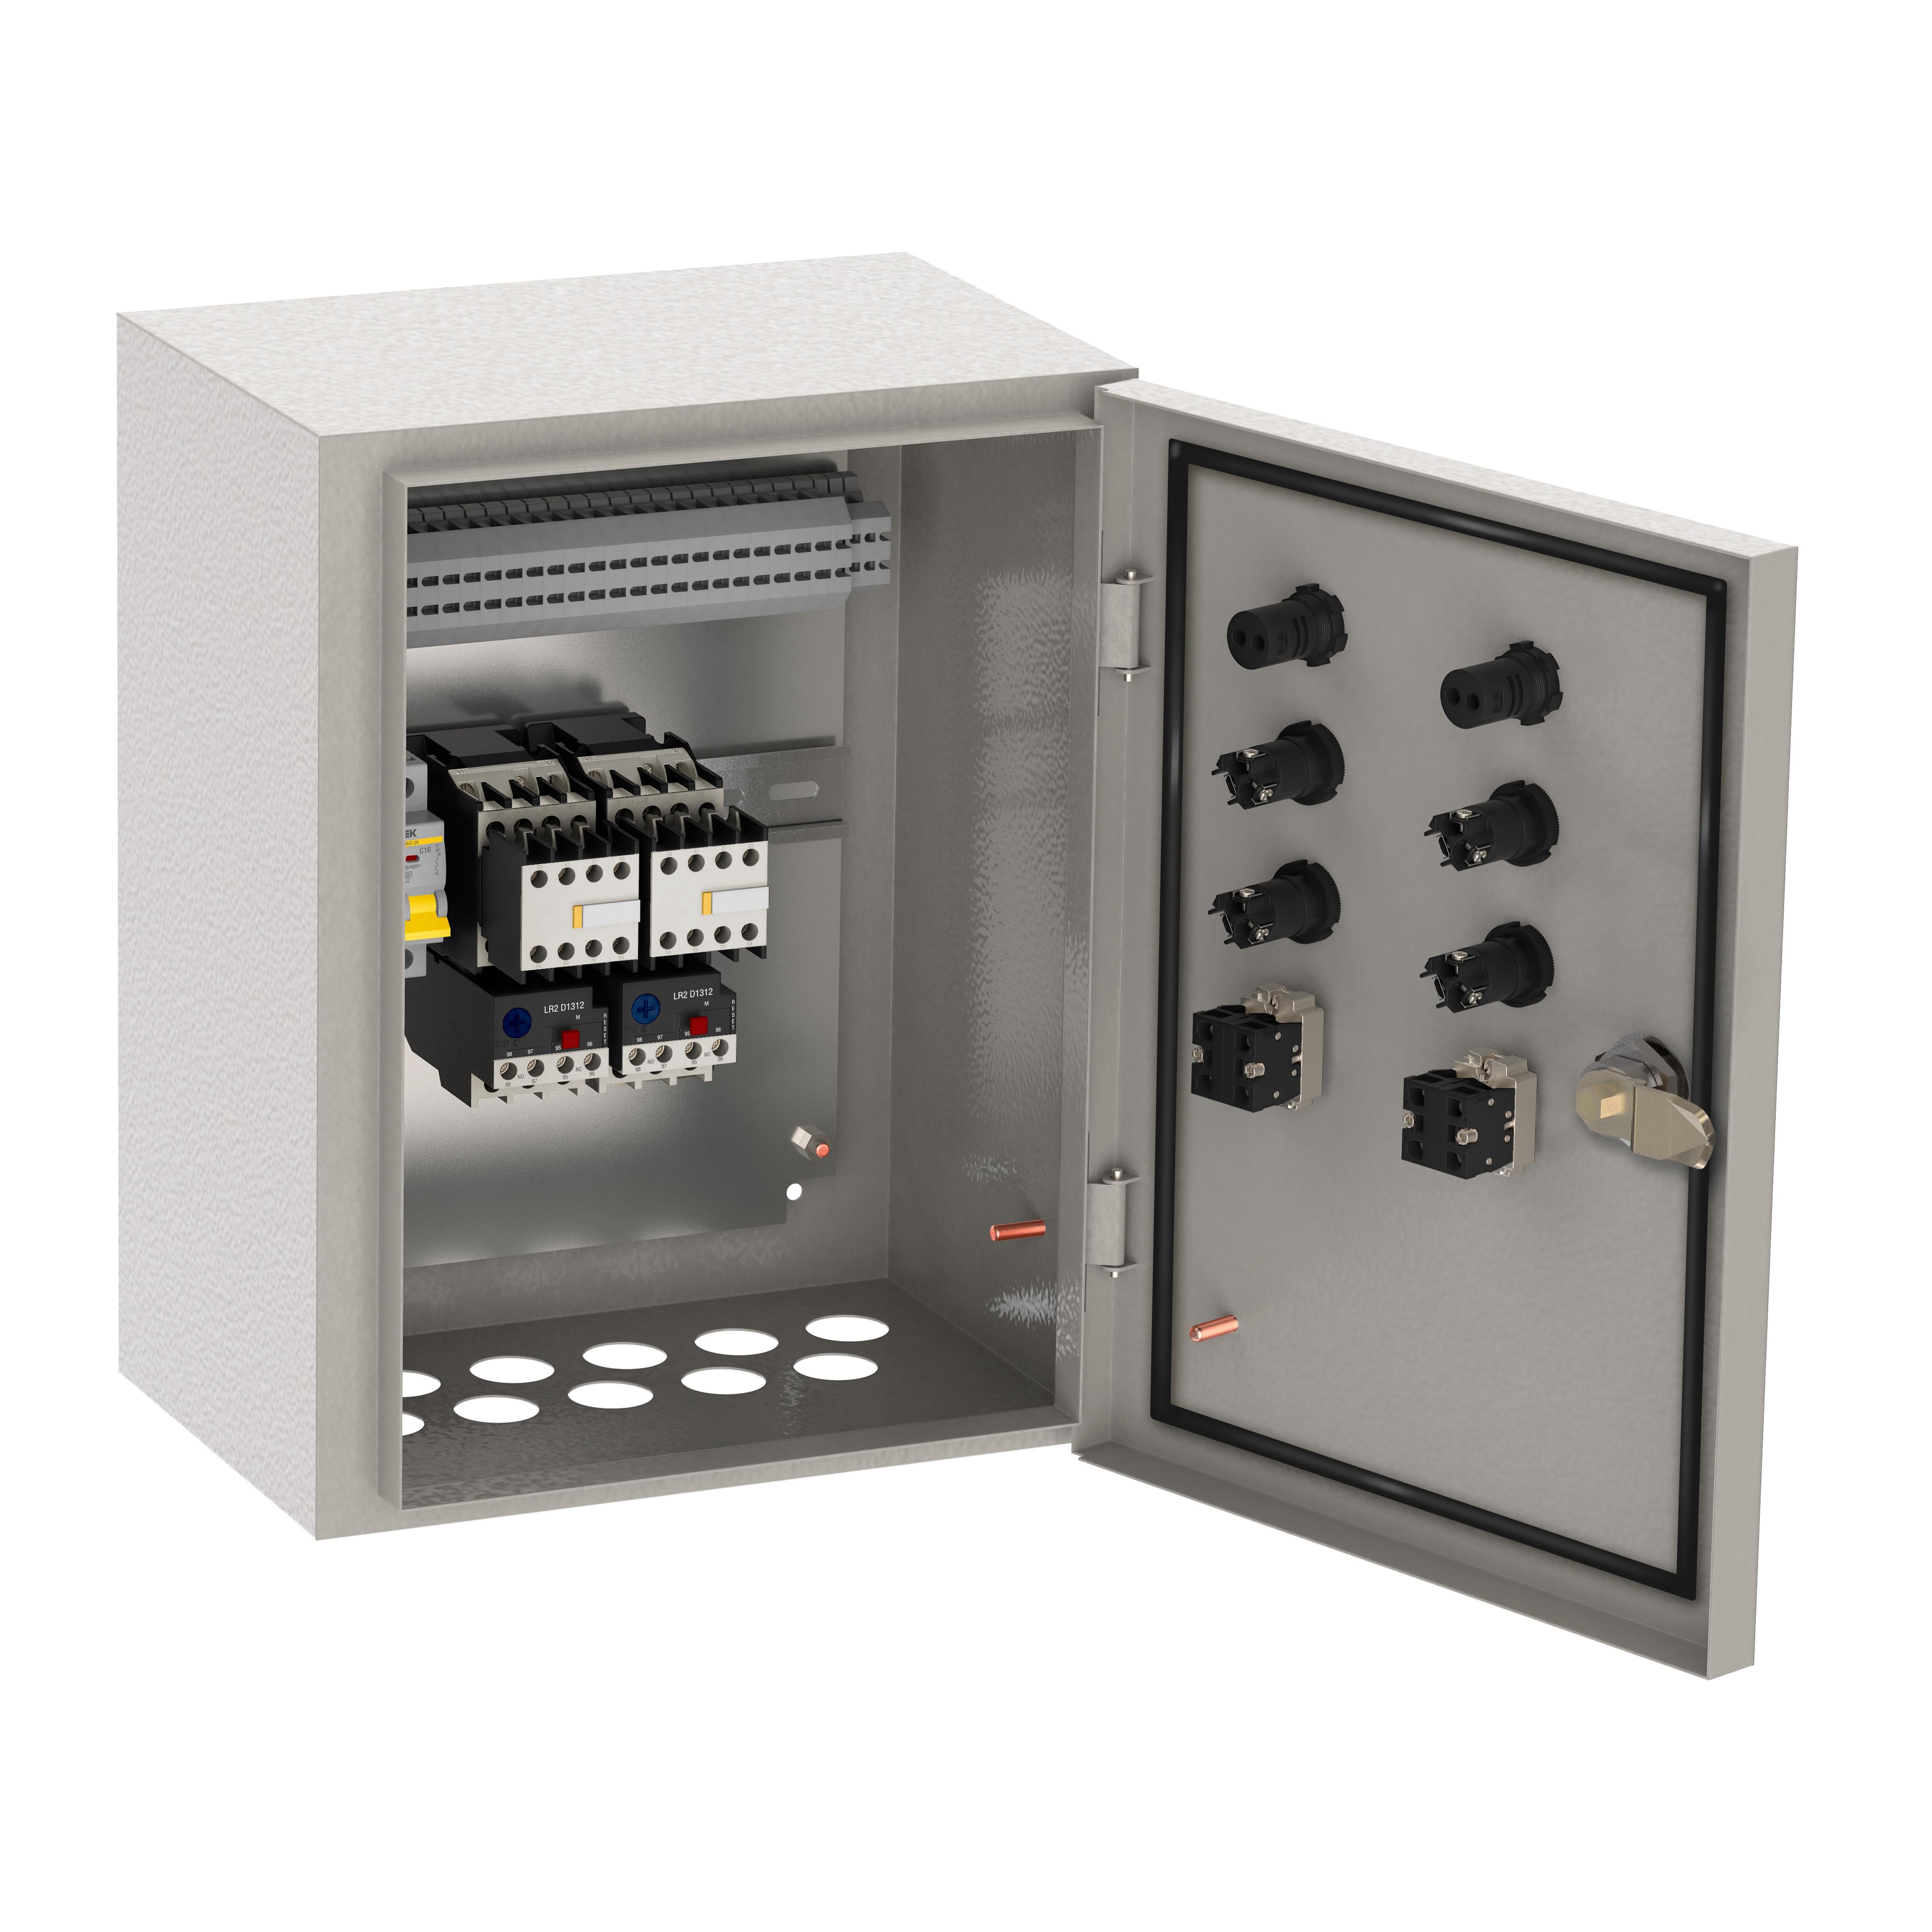 Ящик управления РУСМ5119-2674 нереверсивный 3 фидера автоматический выключатель на каждый фидер с переключателем на автоматический режим 4А IP54 IEK